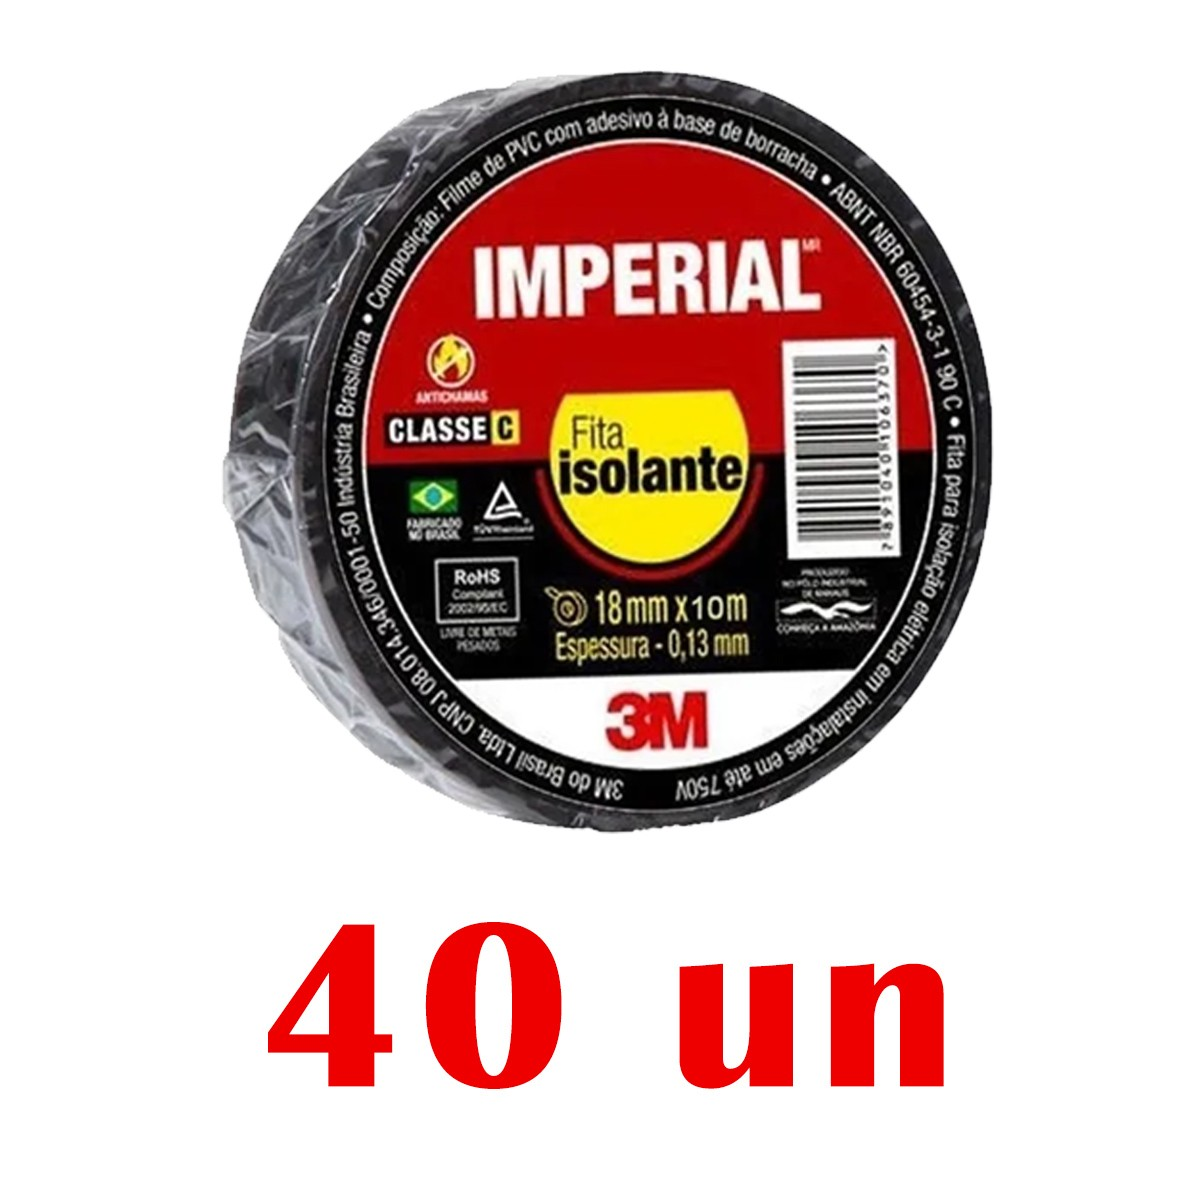 Kit 40 Fitas Isolante 3M Imperial Preta Slim 18mmX10m